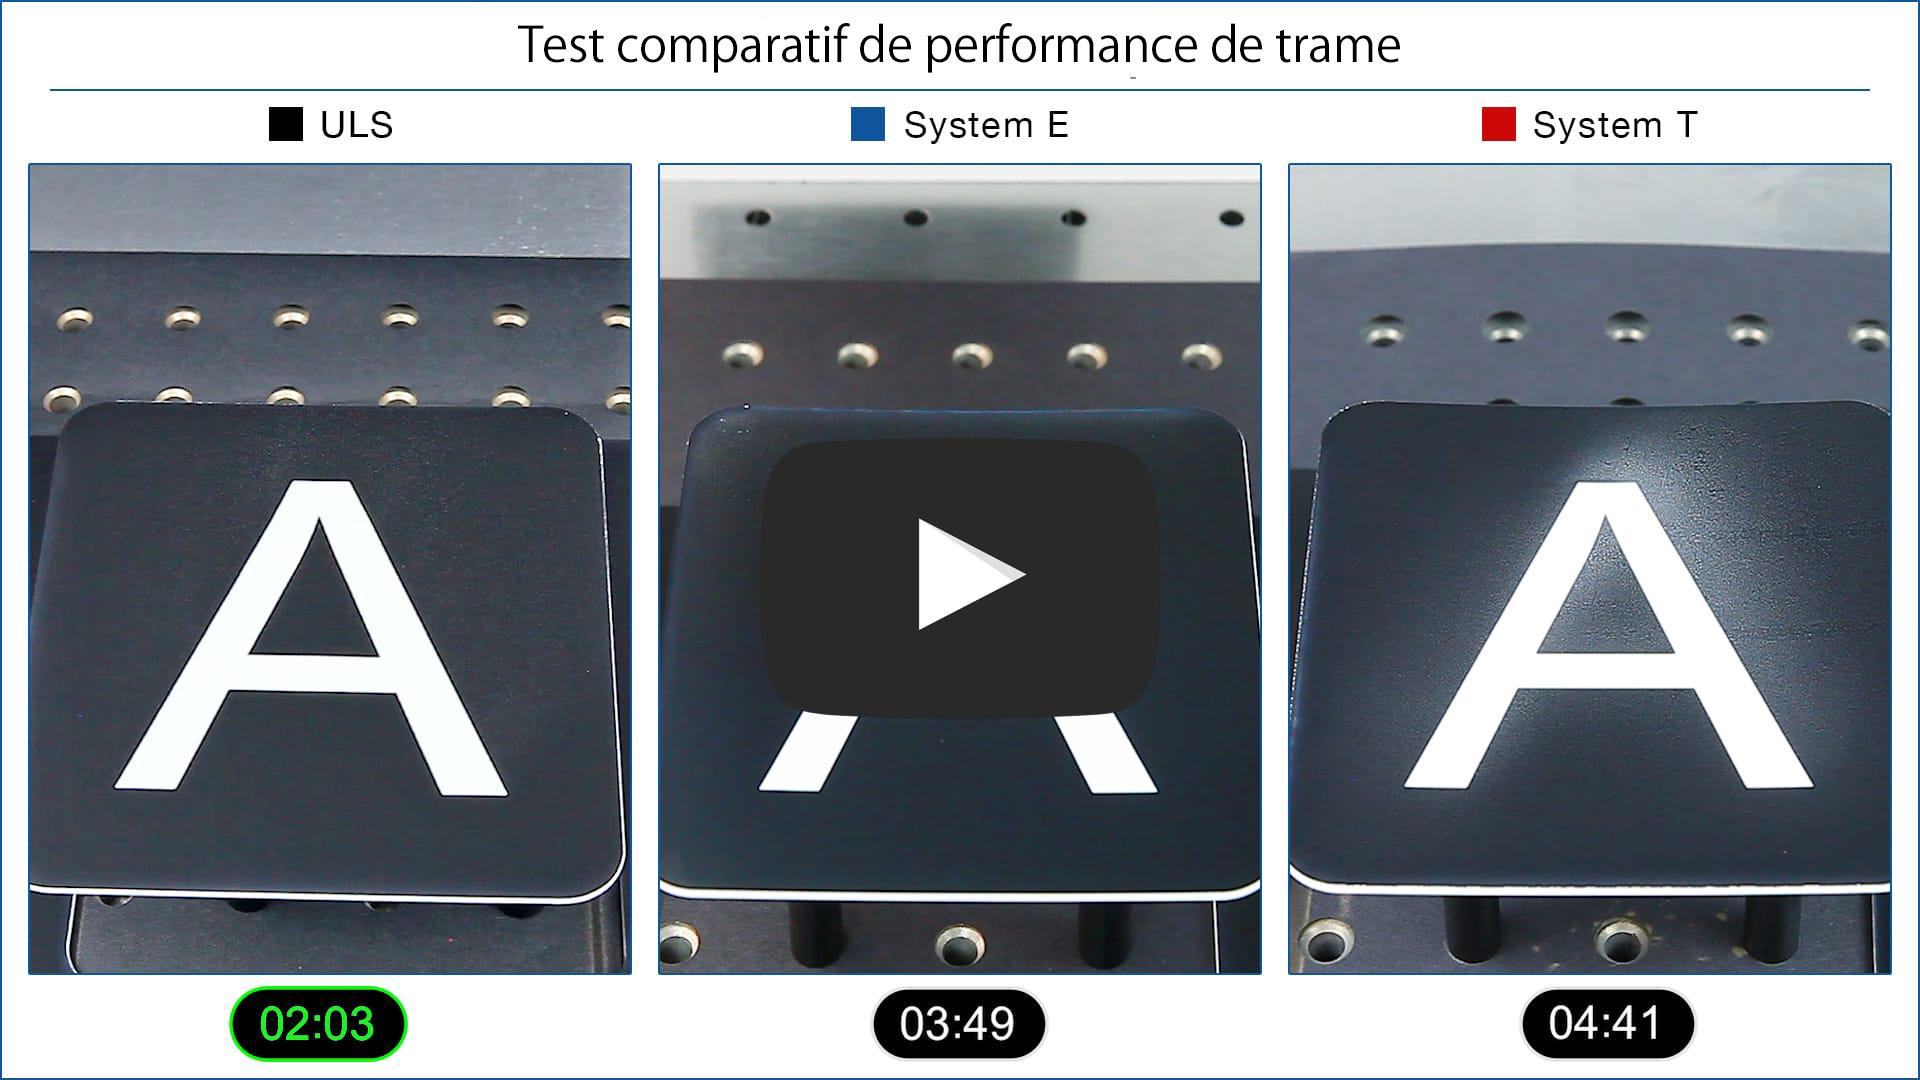 Vidéo de comparaison de performances de trames de laser